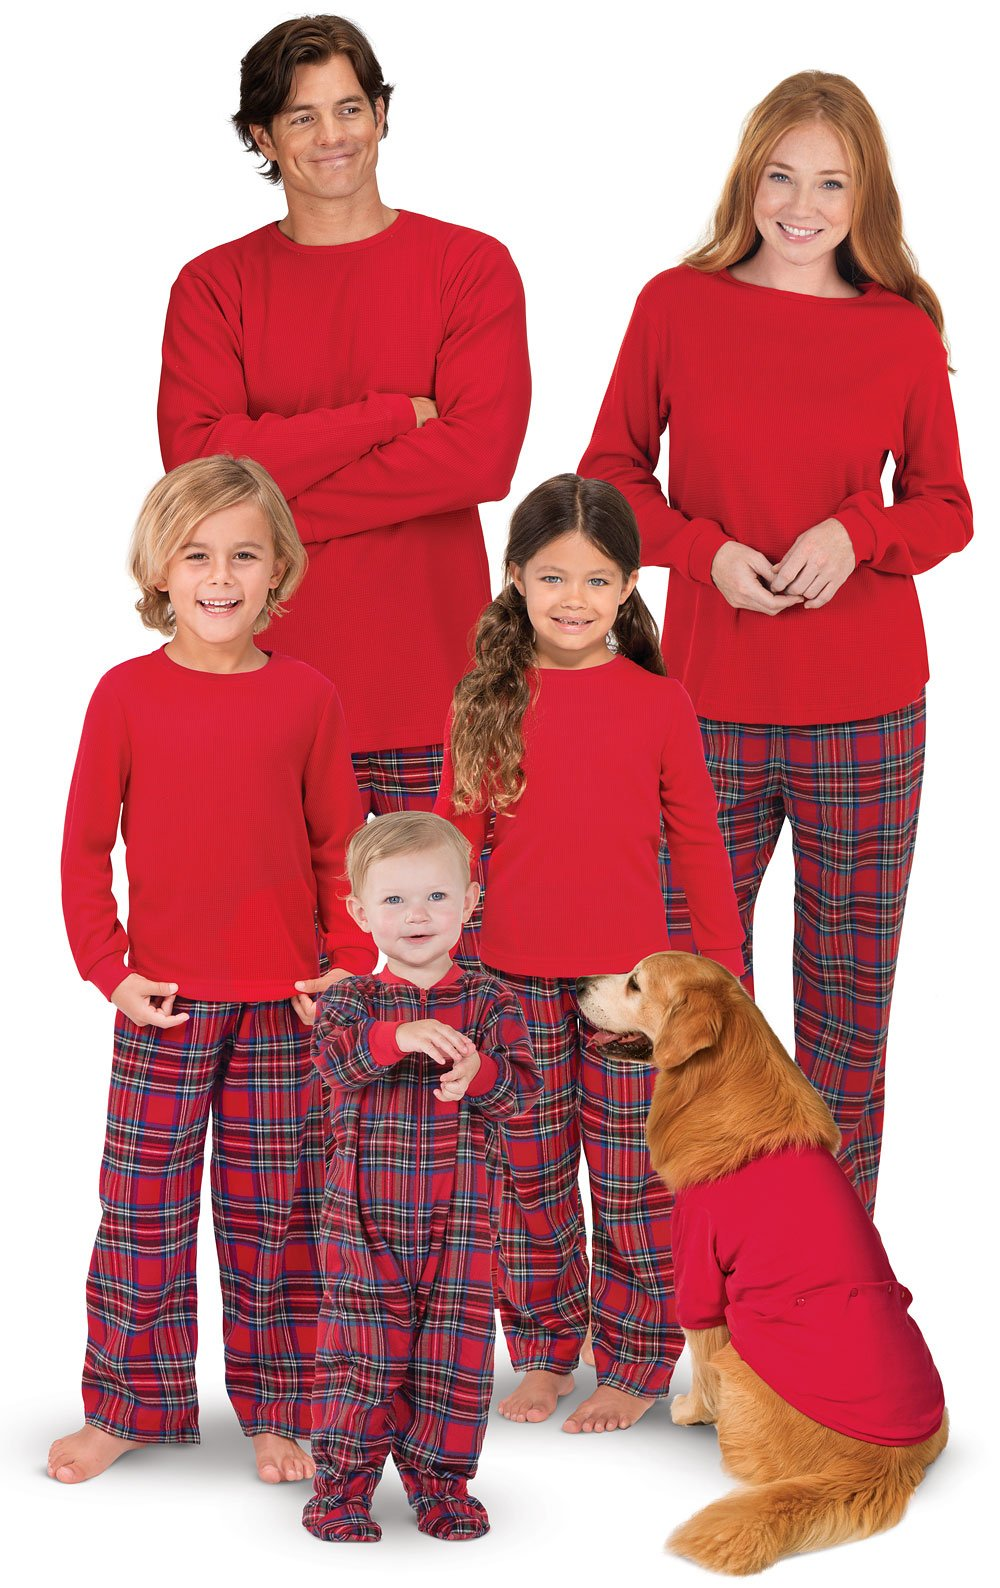 Family Christmas Pajamas Including Dog.Pajamagram Classic Flannel Plaid Matching Family Christmas Pajama Set Pajamas Online Store